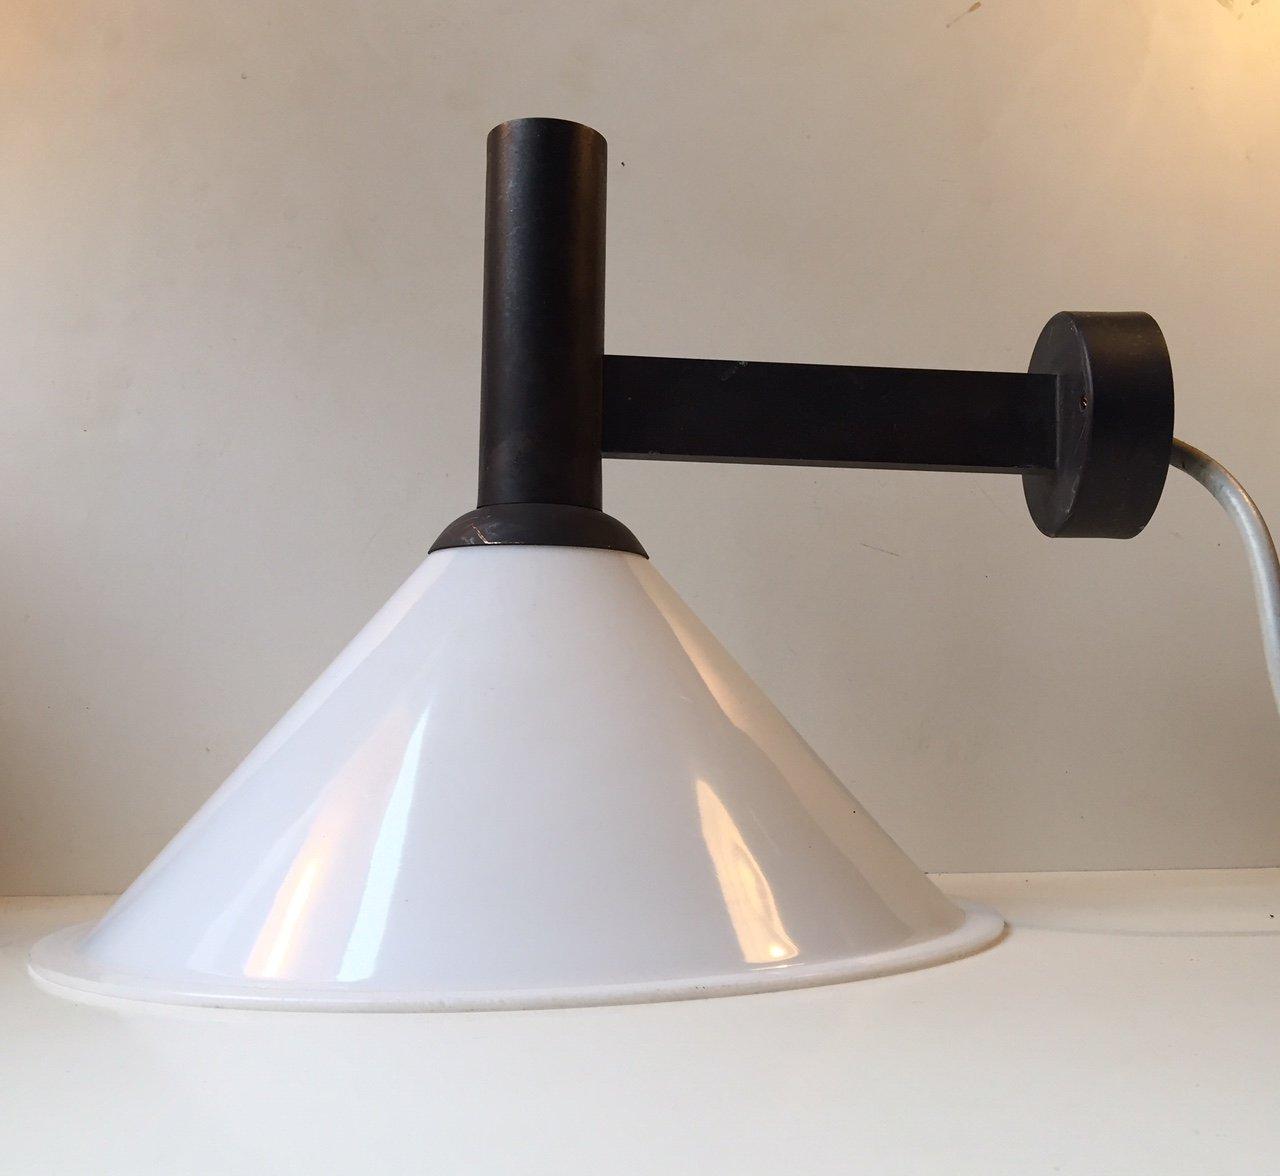 d nische mid century kupfer wandlampe f r au enbereich von f lsgaard lyfa 1970er bei pamono. Black Bedroom Furniture Sets. Home Design Ideas